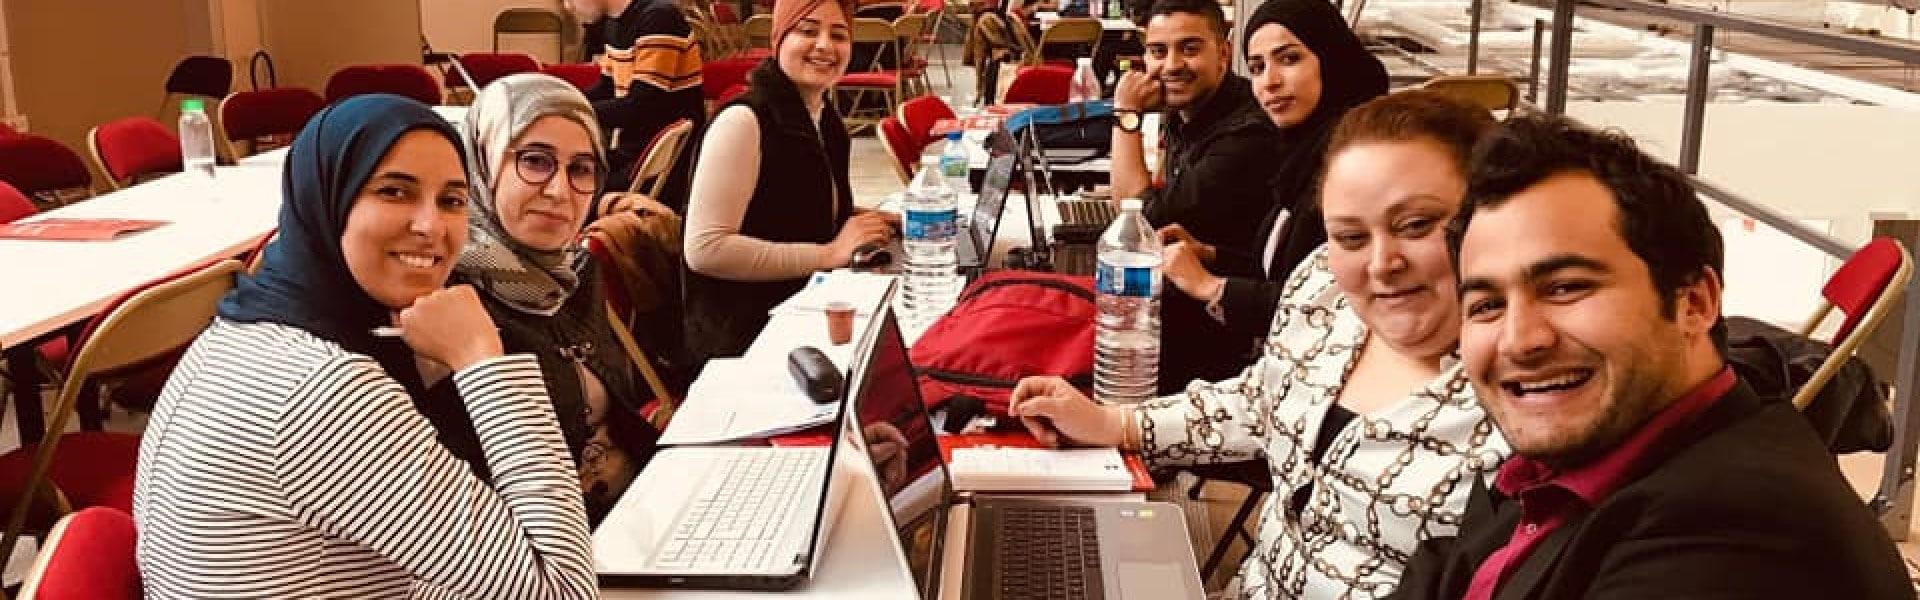 MédiaLab Campus 2 : soutien de projets initiés par des écoles de journalisme des deux côtés de la Méditerranée